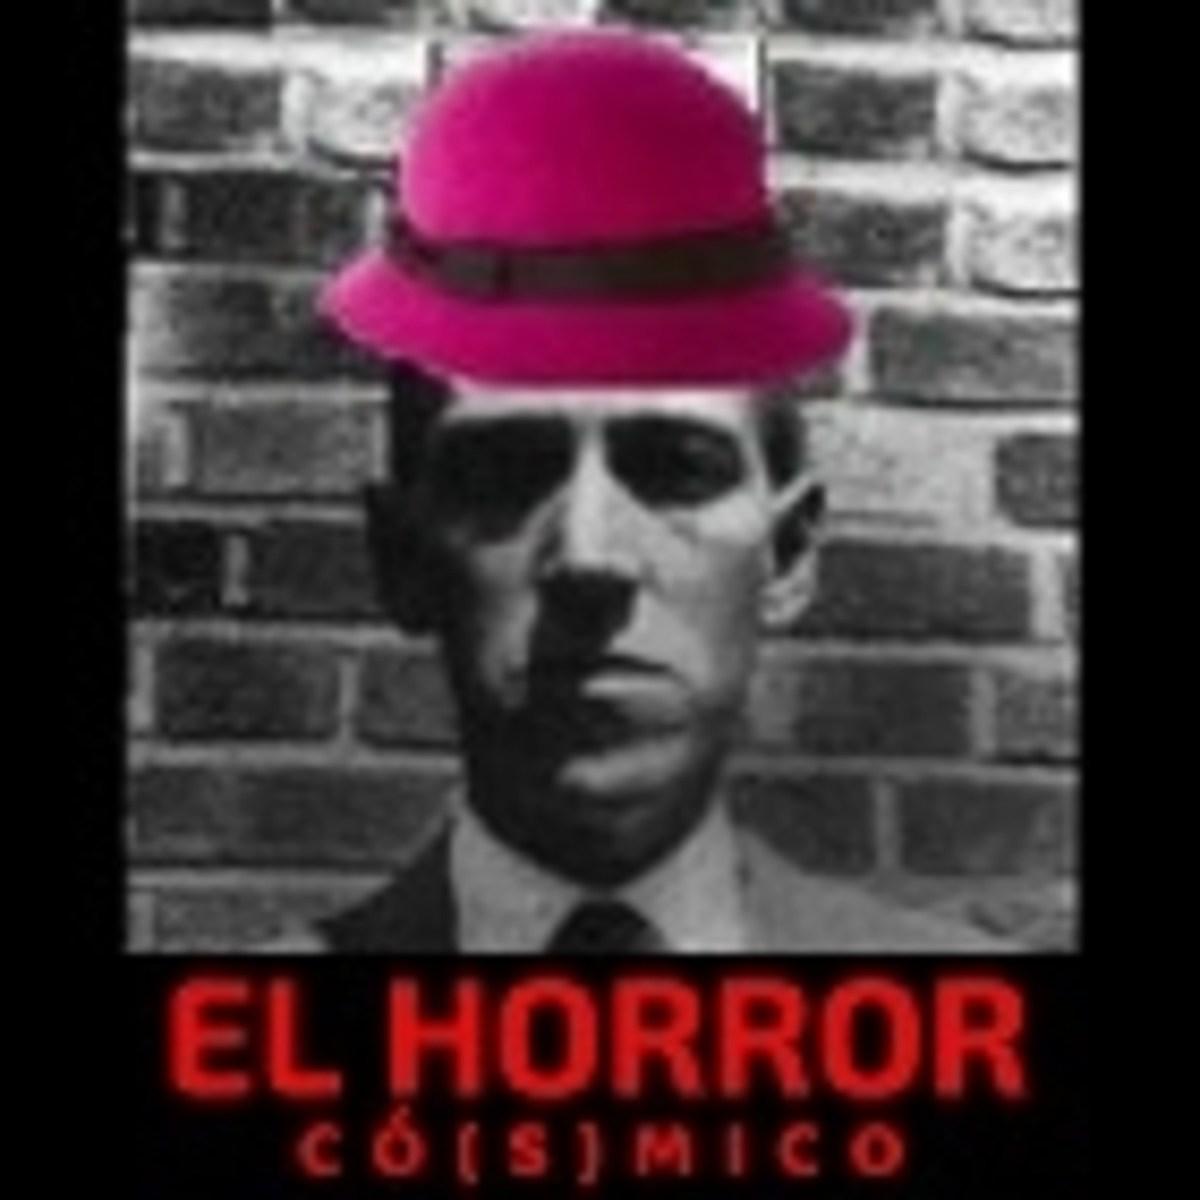 El horror cósmico: humor, terror y paranormal